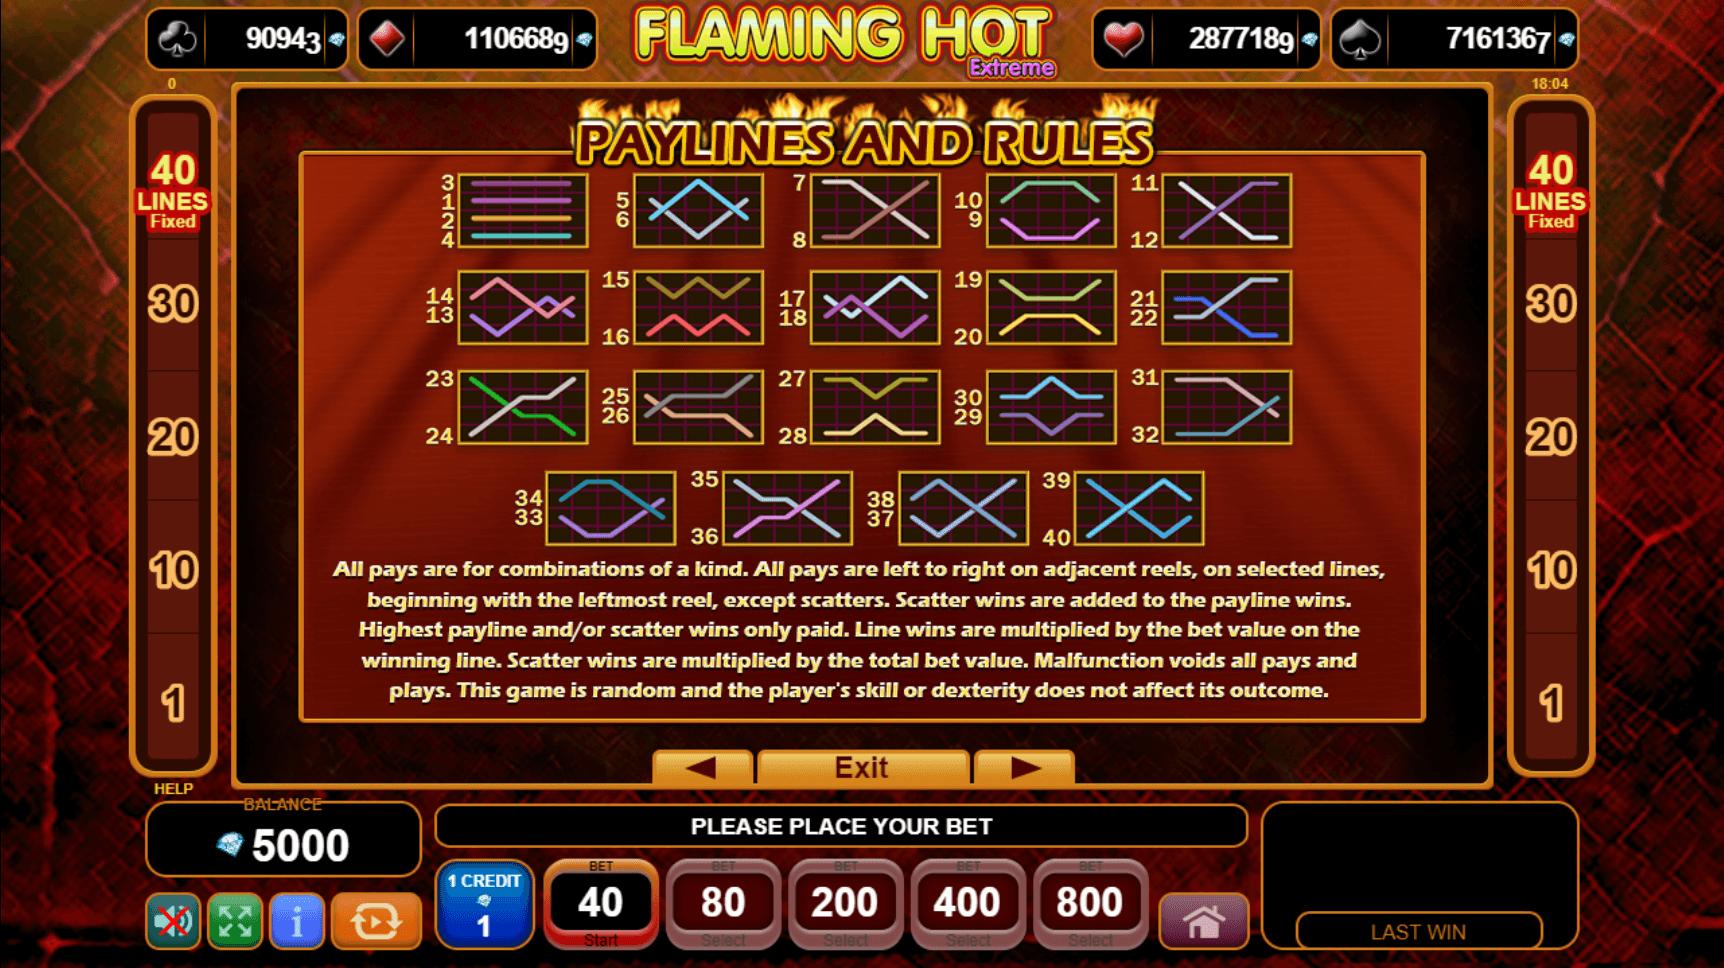 Extremely Hot Slot Machine